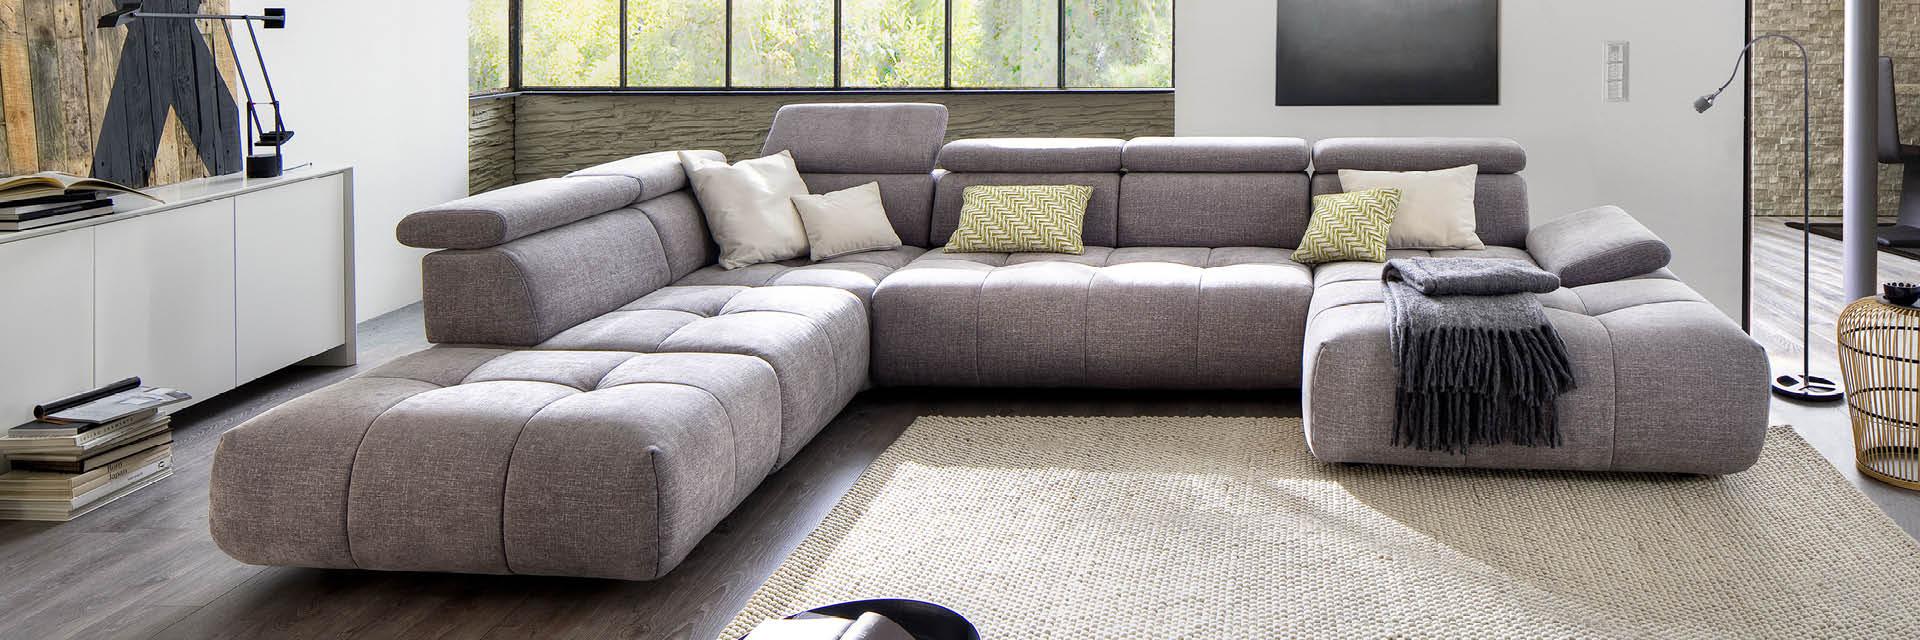 Full Size of Graues Sofa Dekoration Weisser Teppich Graue Couch Welcher Kissen Rosa Brauner Dekorieren 2er Ikea Grauer Welche Farbe Wandfarbe Passt Blauer In Deutschland Sofa Graues Sofa